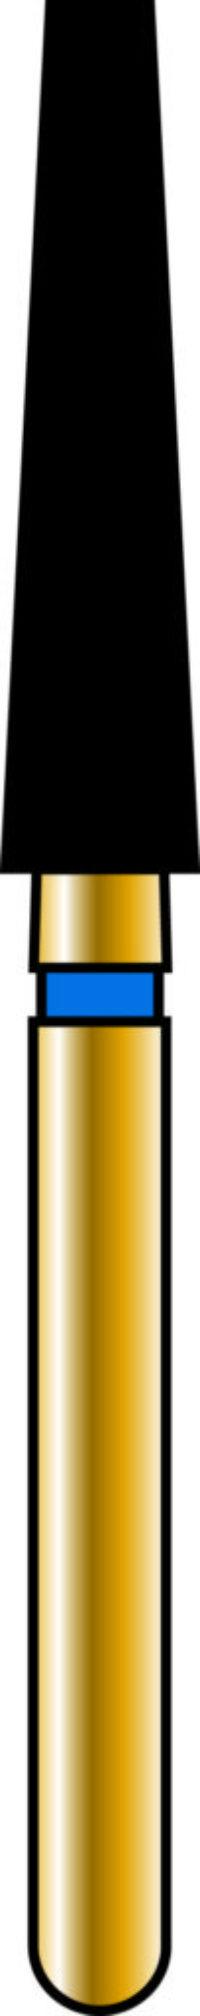 Flat End Taper 23-10mm Gold Diamond Bur